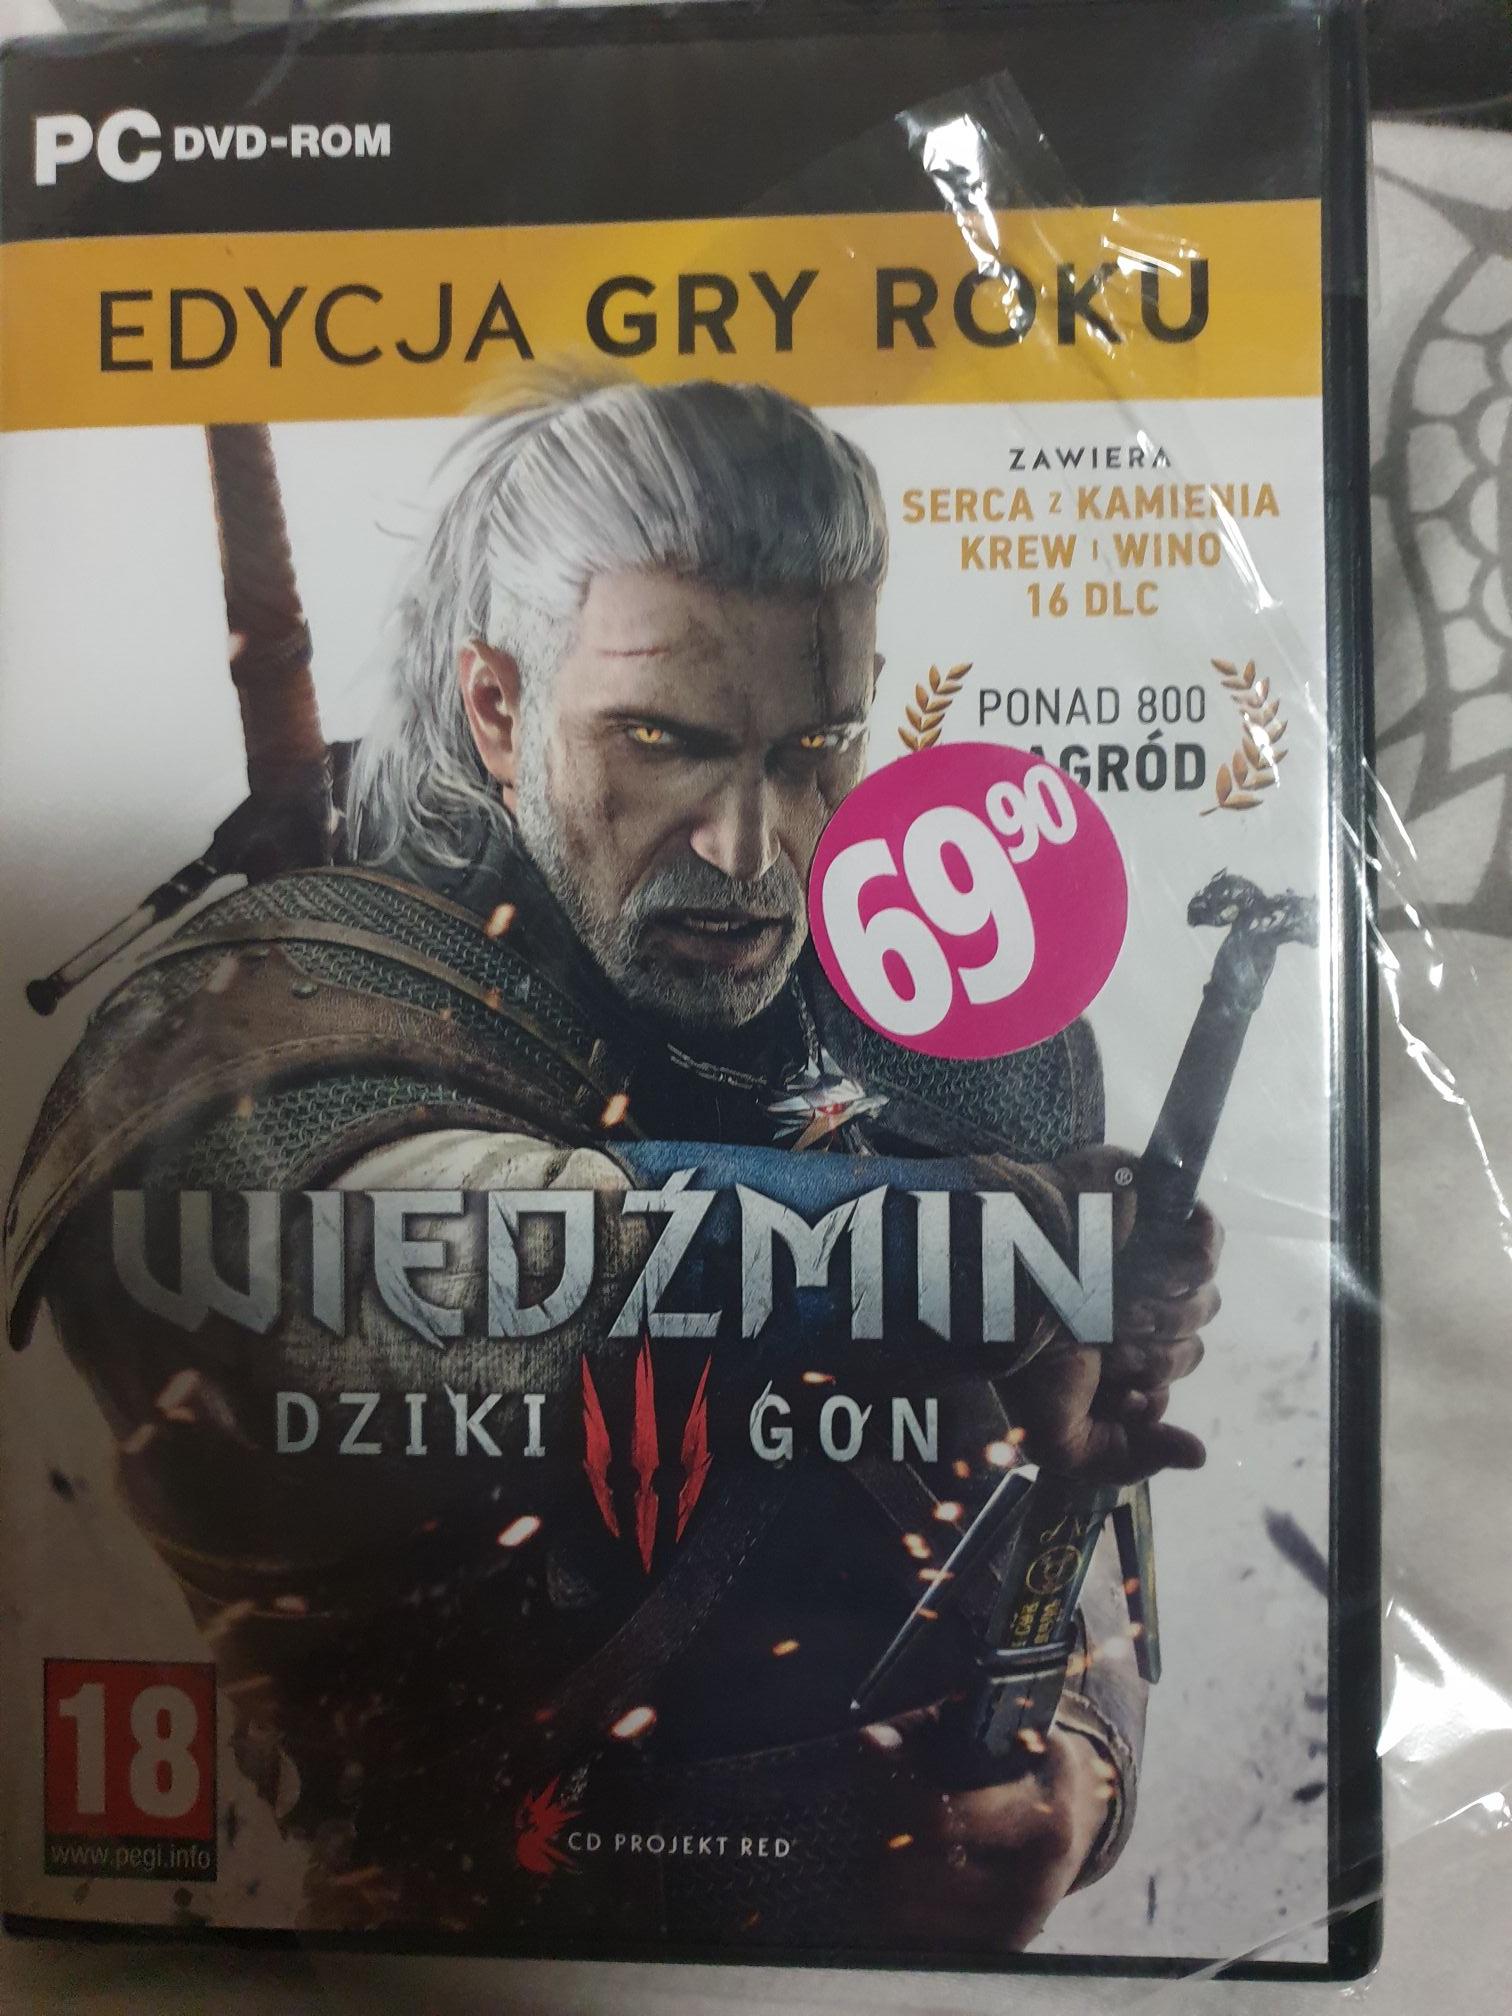 Wiedźmin 3 GOTY PC w Biedronce wersja pudełkowa chyba najtaniej w historii! + inne gry również w ultrapromce